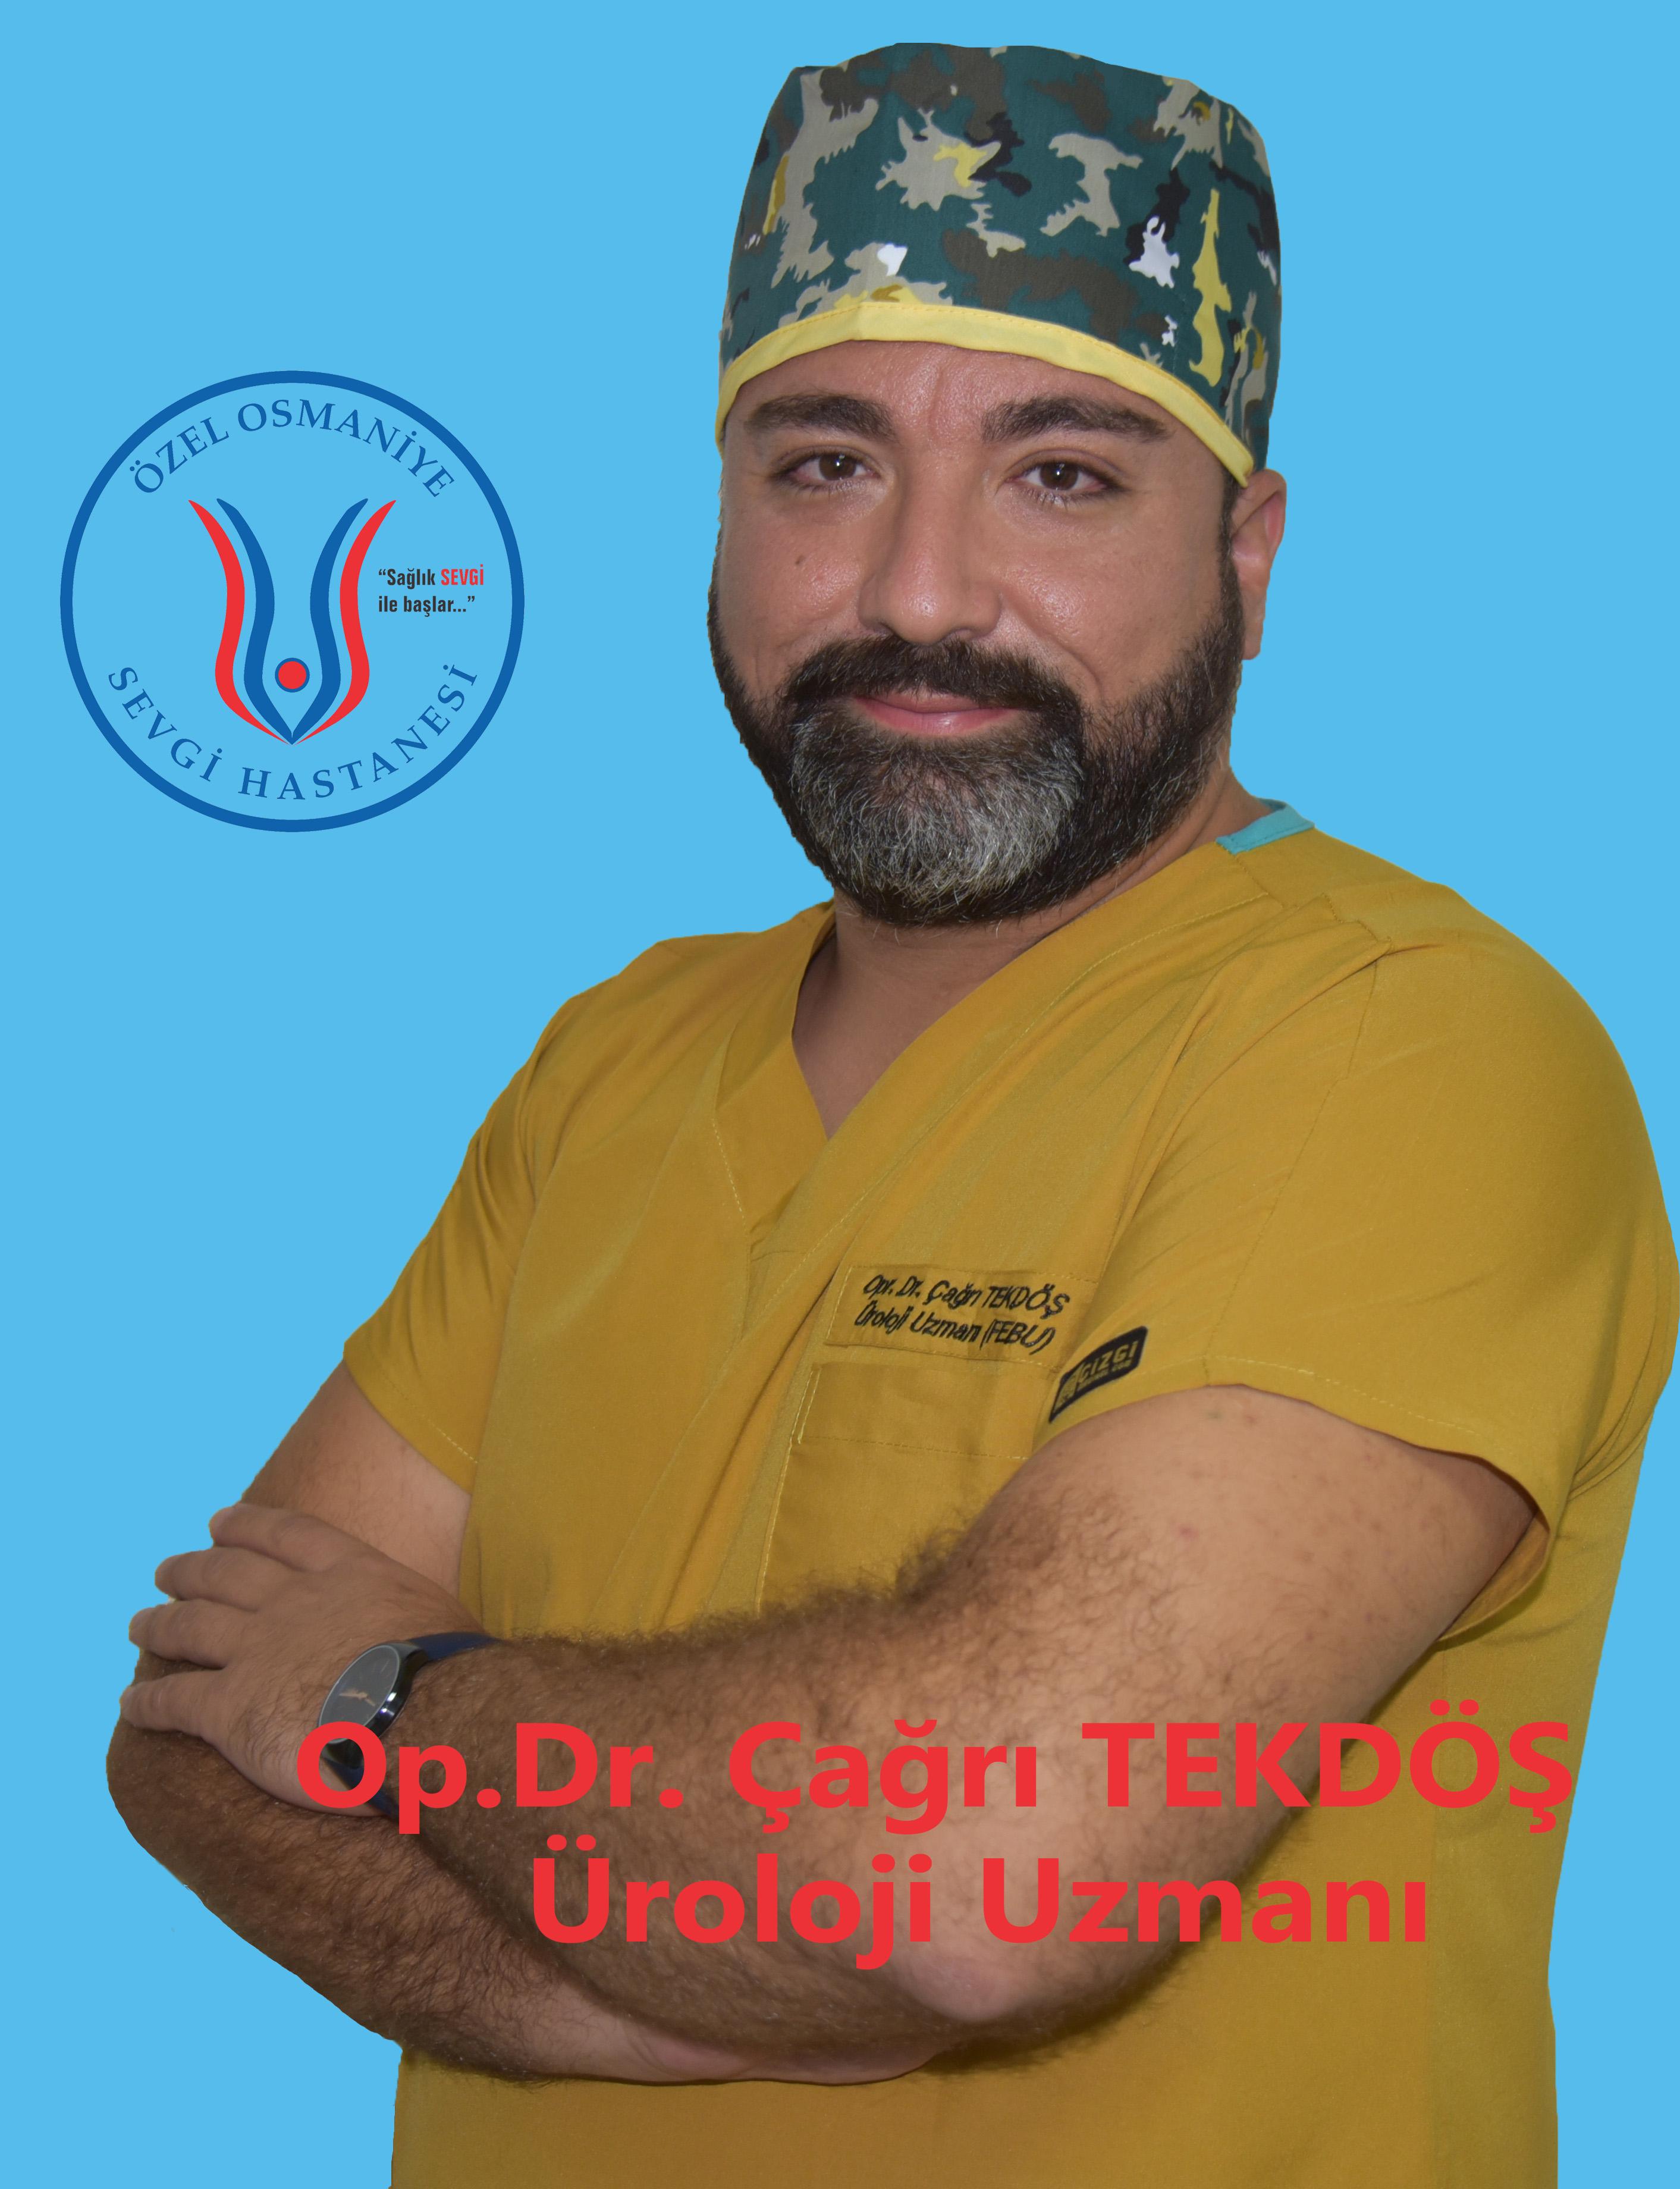 Op.Dr. Çağrı TEKDÖŞ / ÜROLOJİ UZMANI